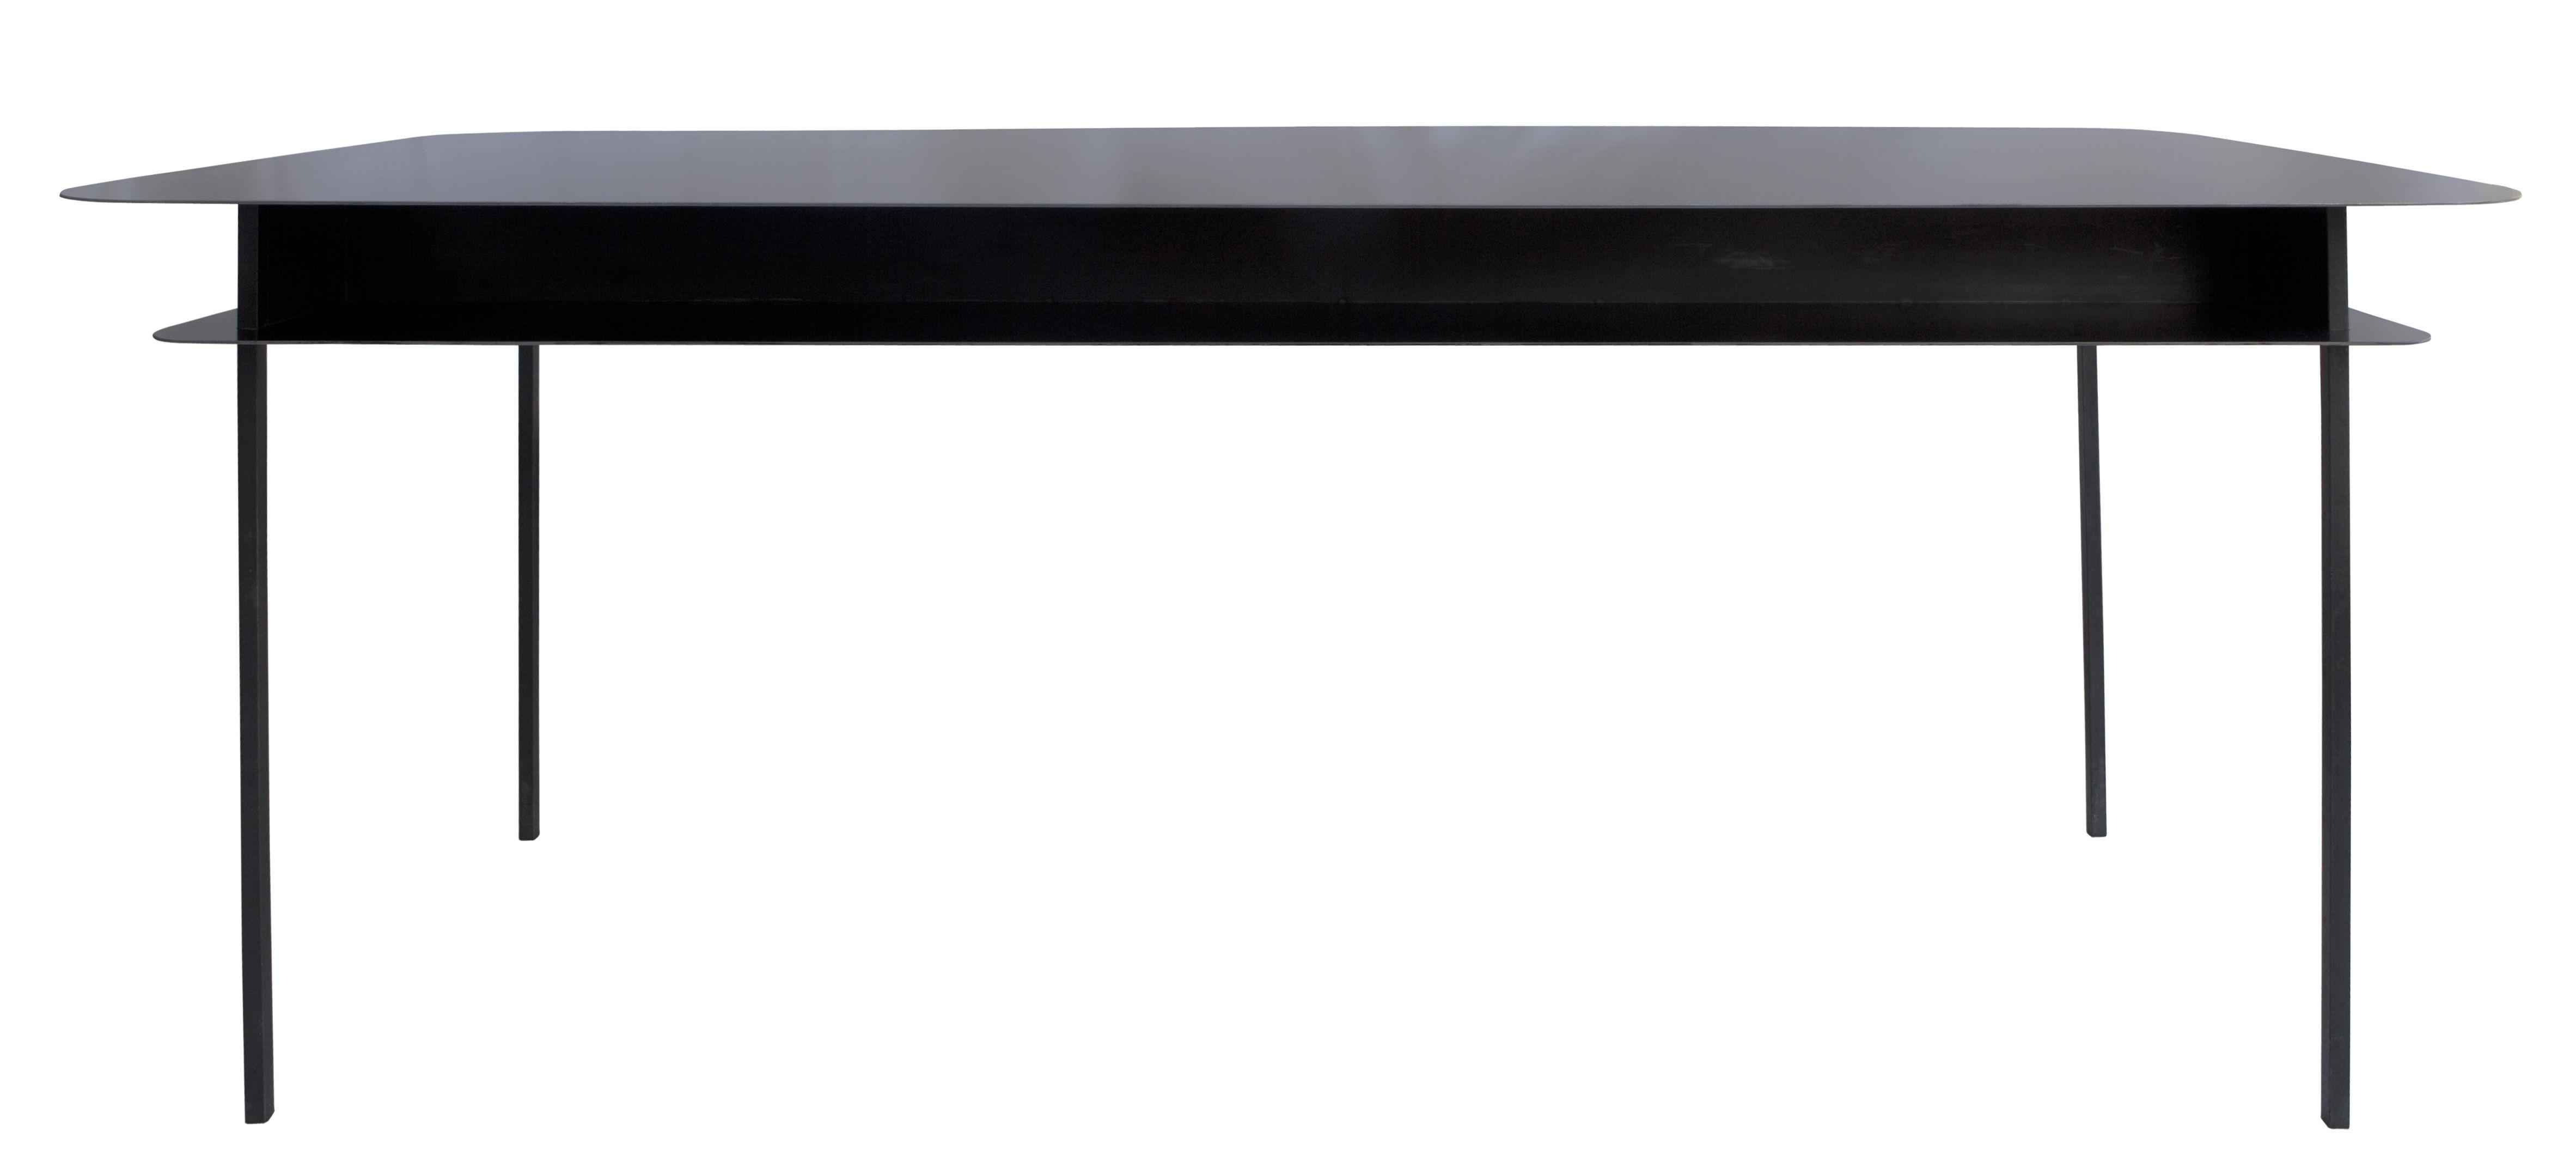 Möbel - Büromöbel - Tokyo Schreibtisch / 100 x 60 cm - Maison Sarah Lavoine - Schwarz - Stahl